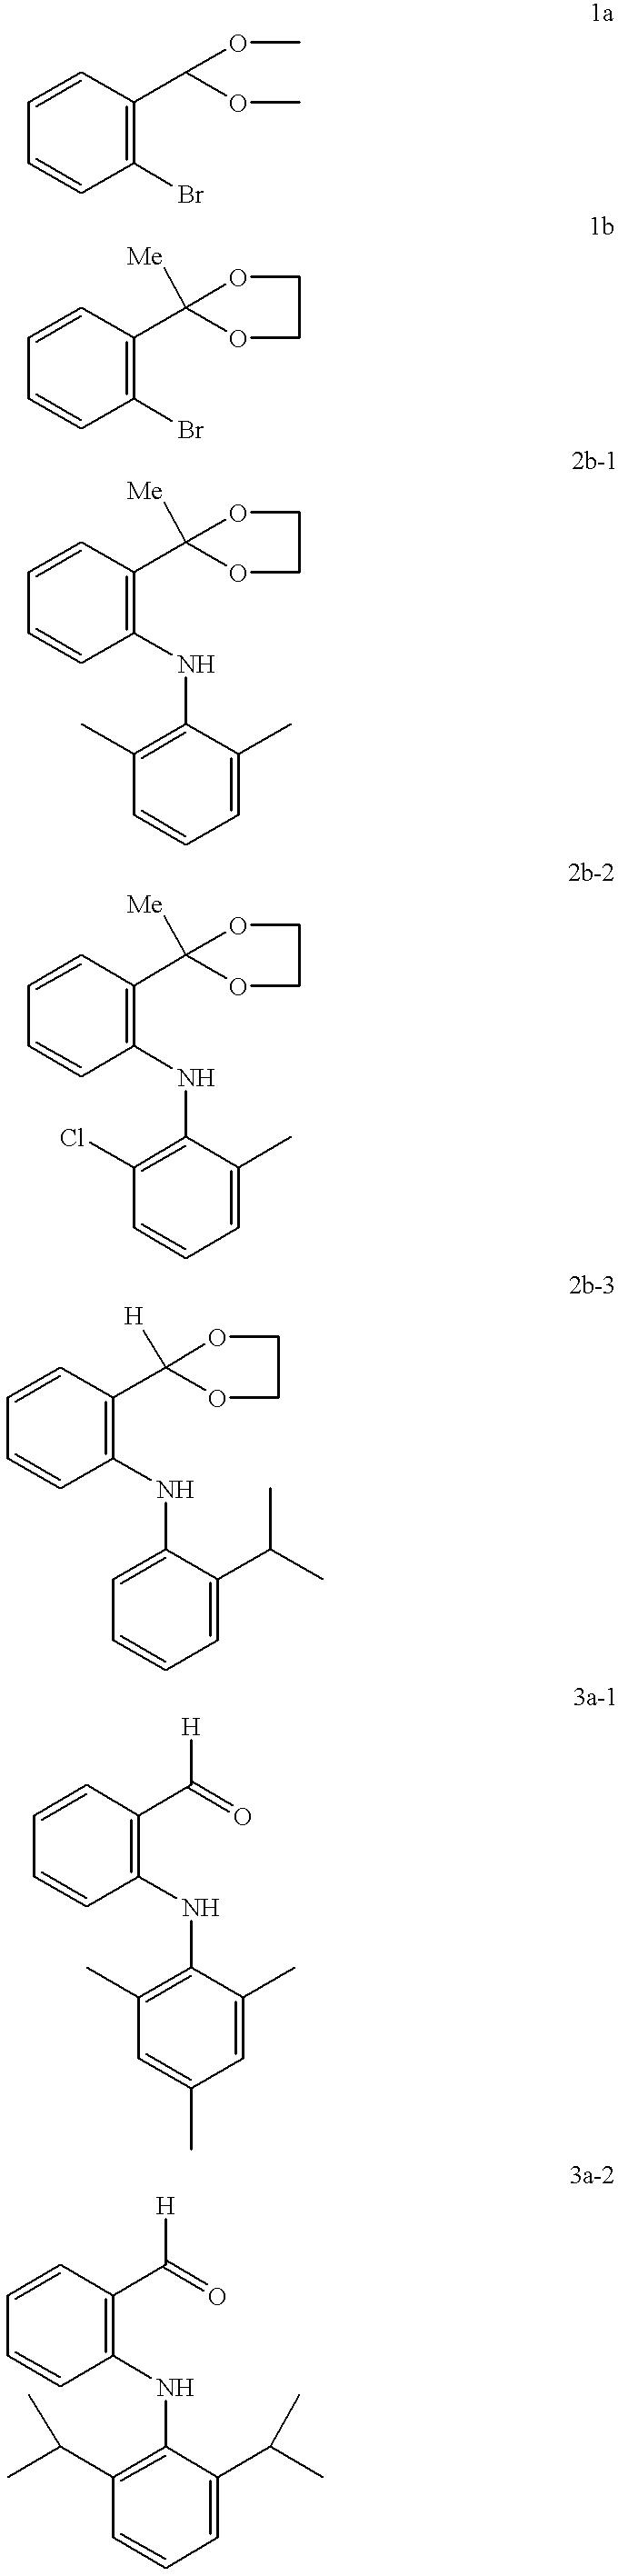 Figure US06316663-20011113-C00012